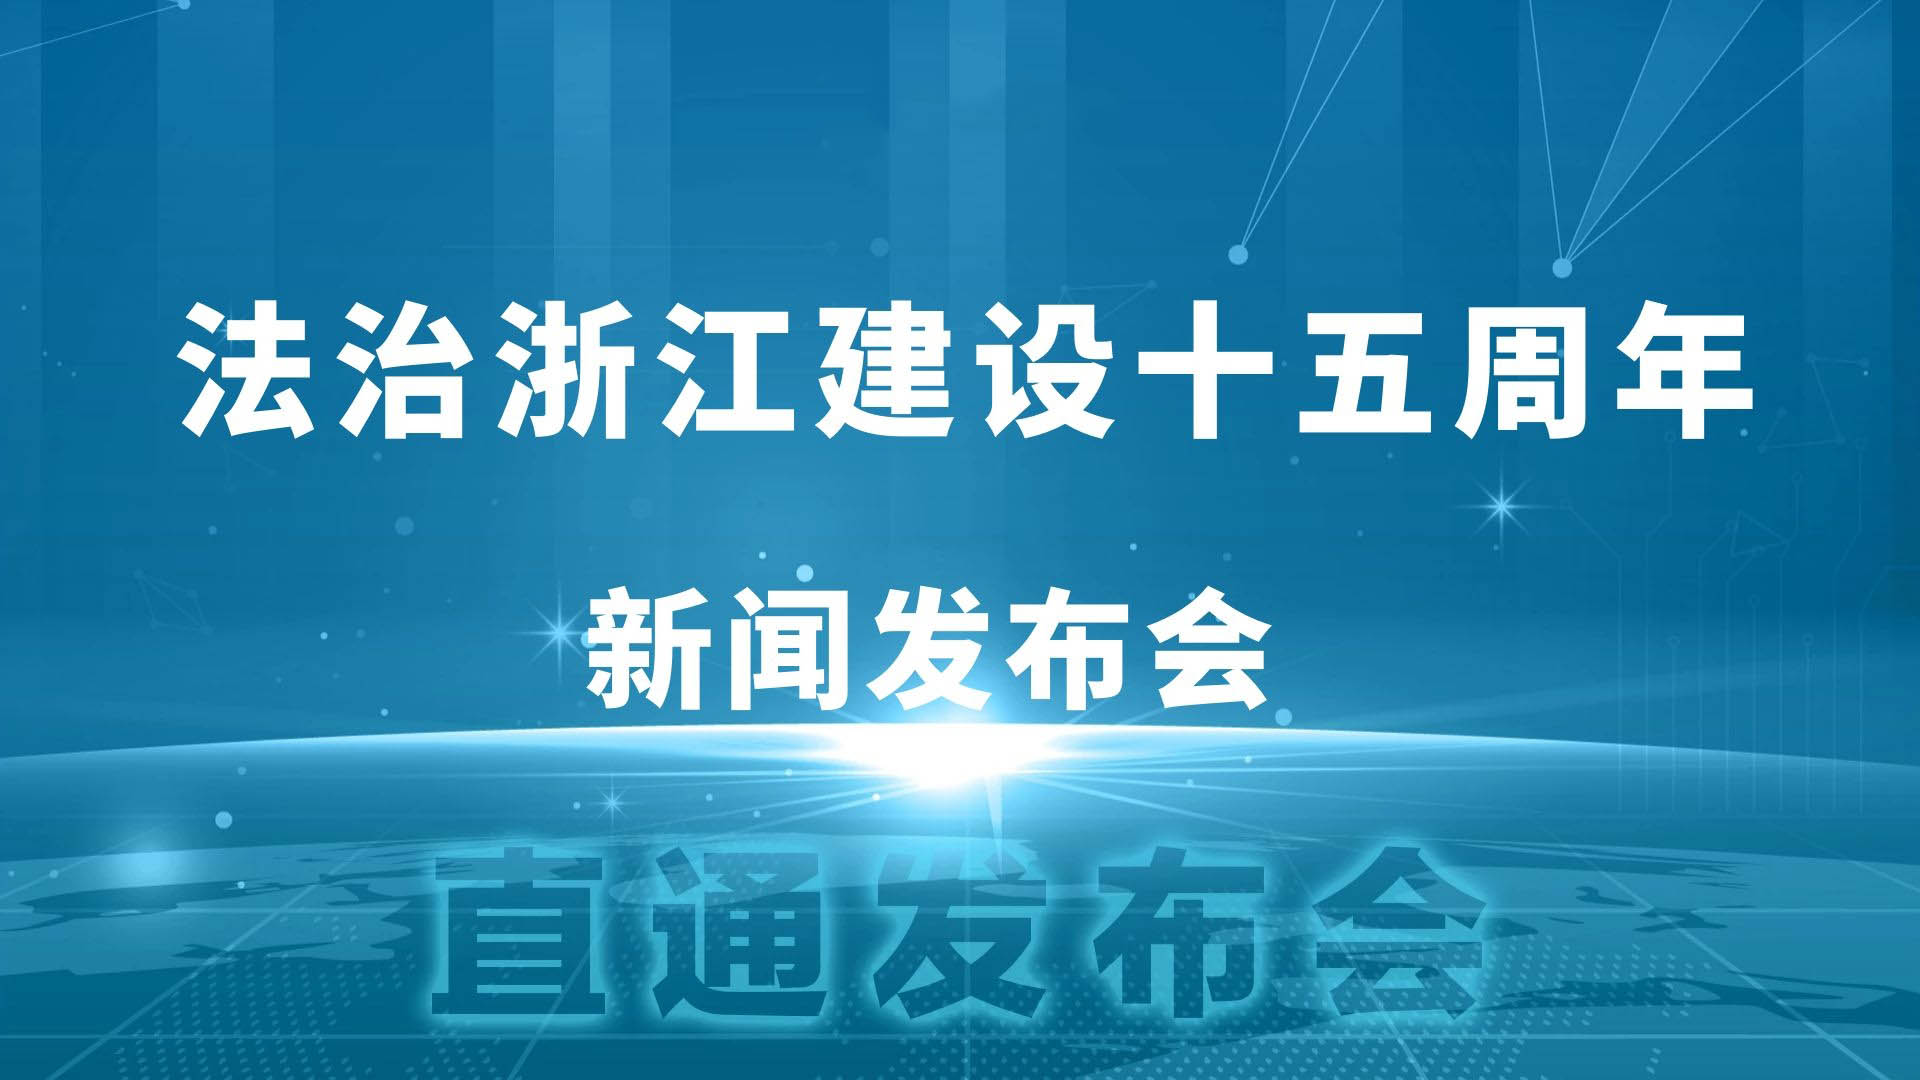 法治浙江建設十五周年新聞發布會